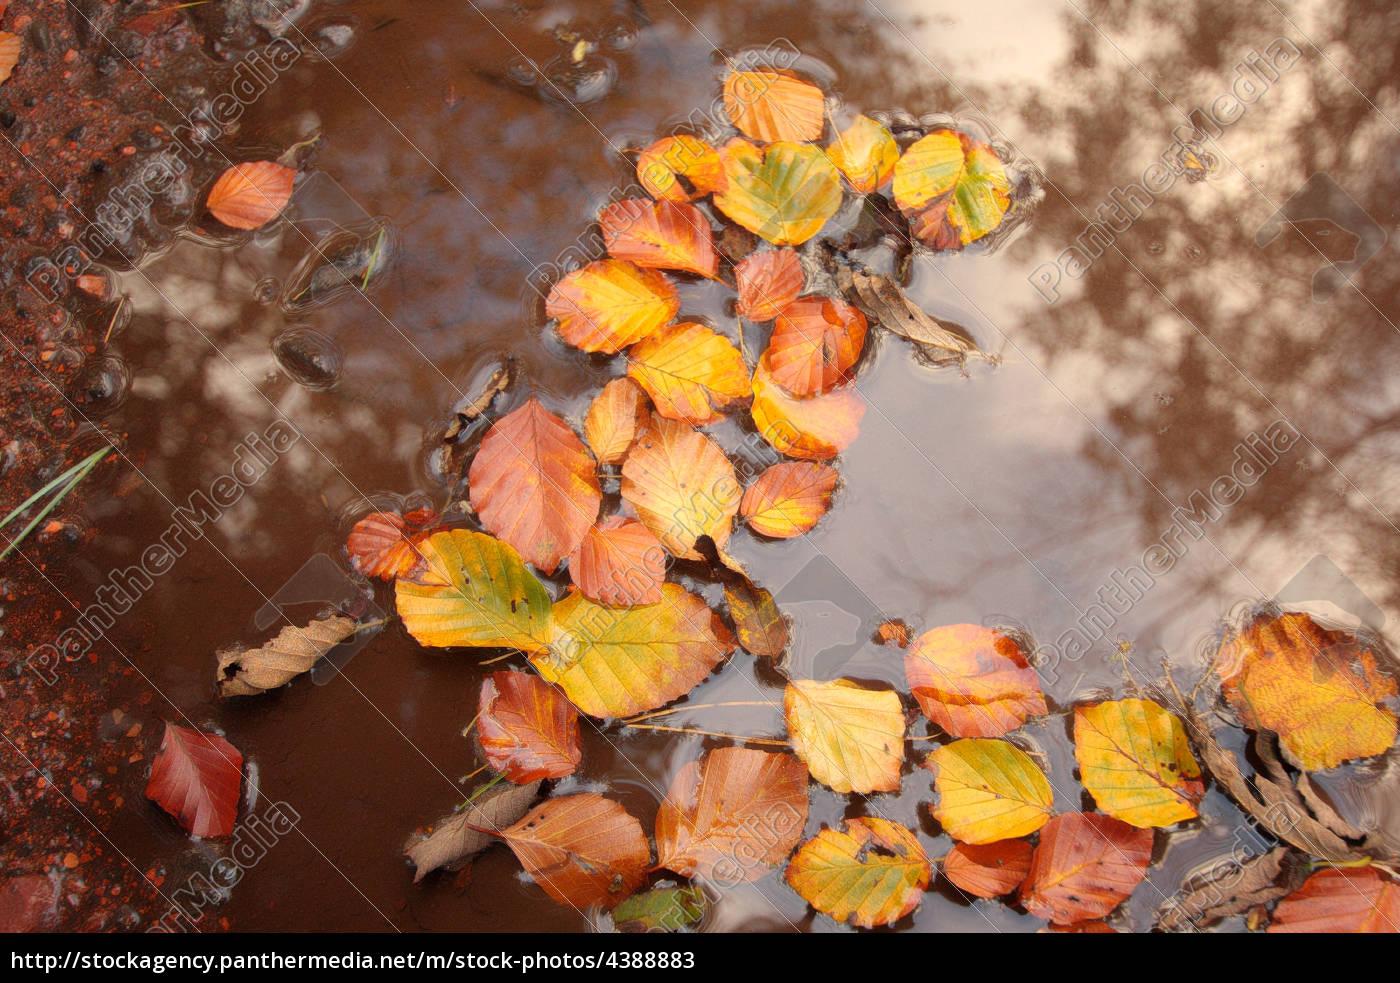 bella, autunno, in, scozia - 4388883